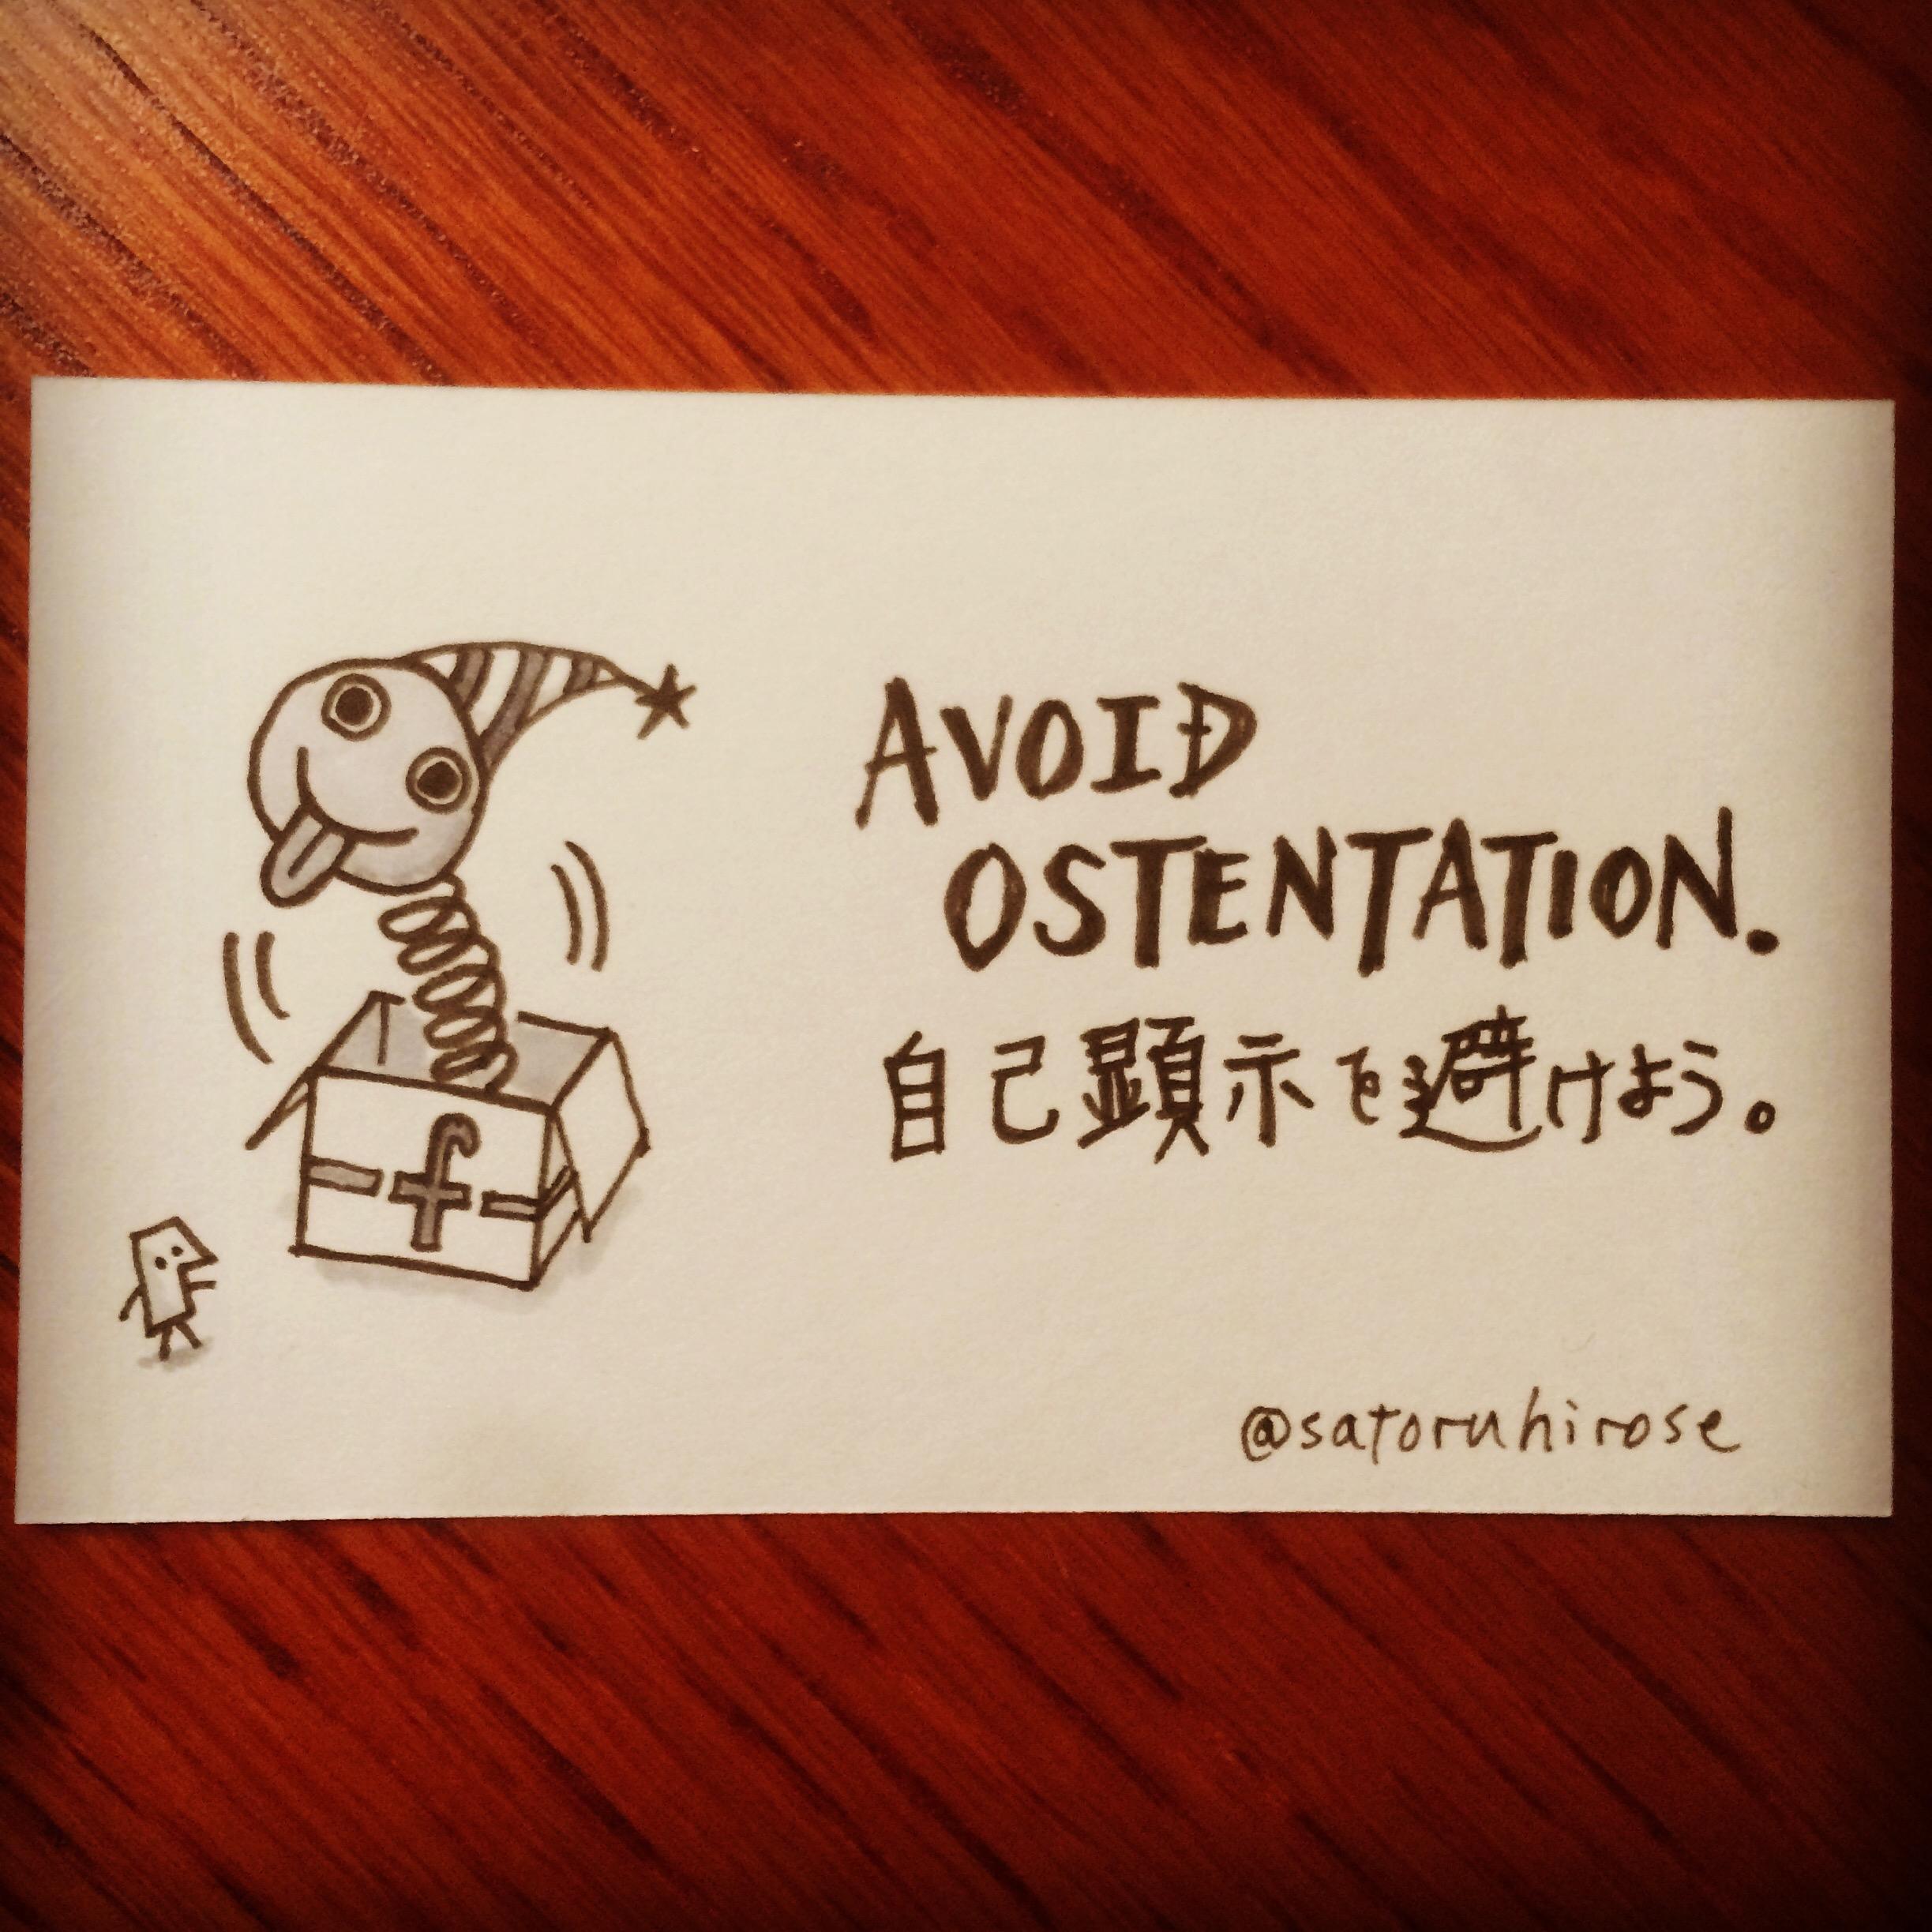 Avoid ostentation.